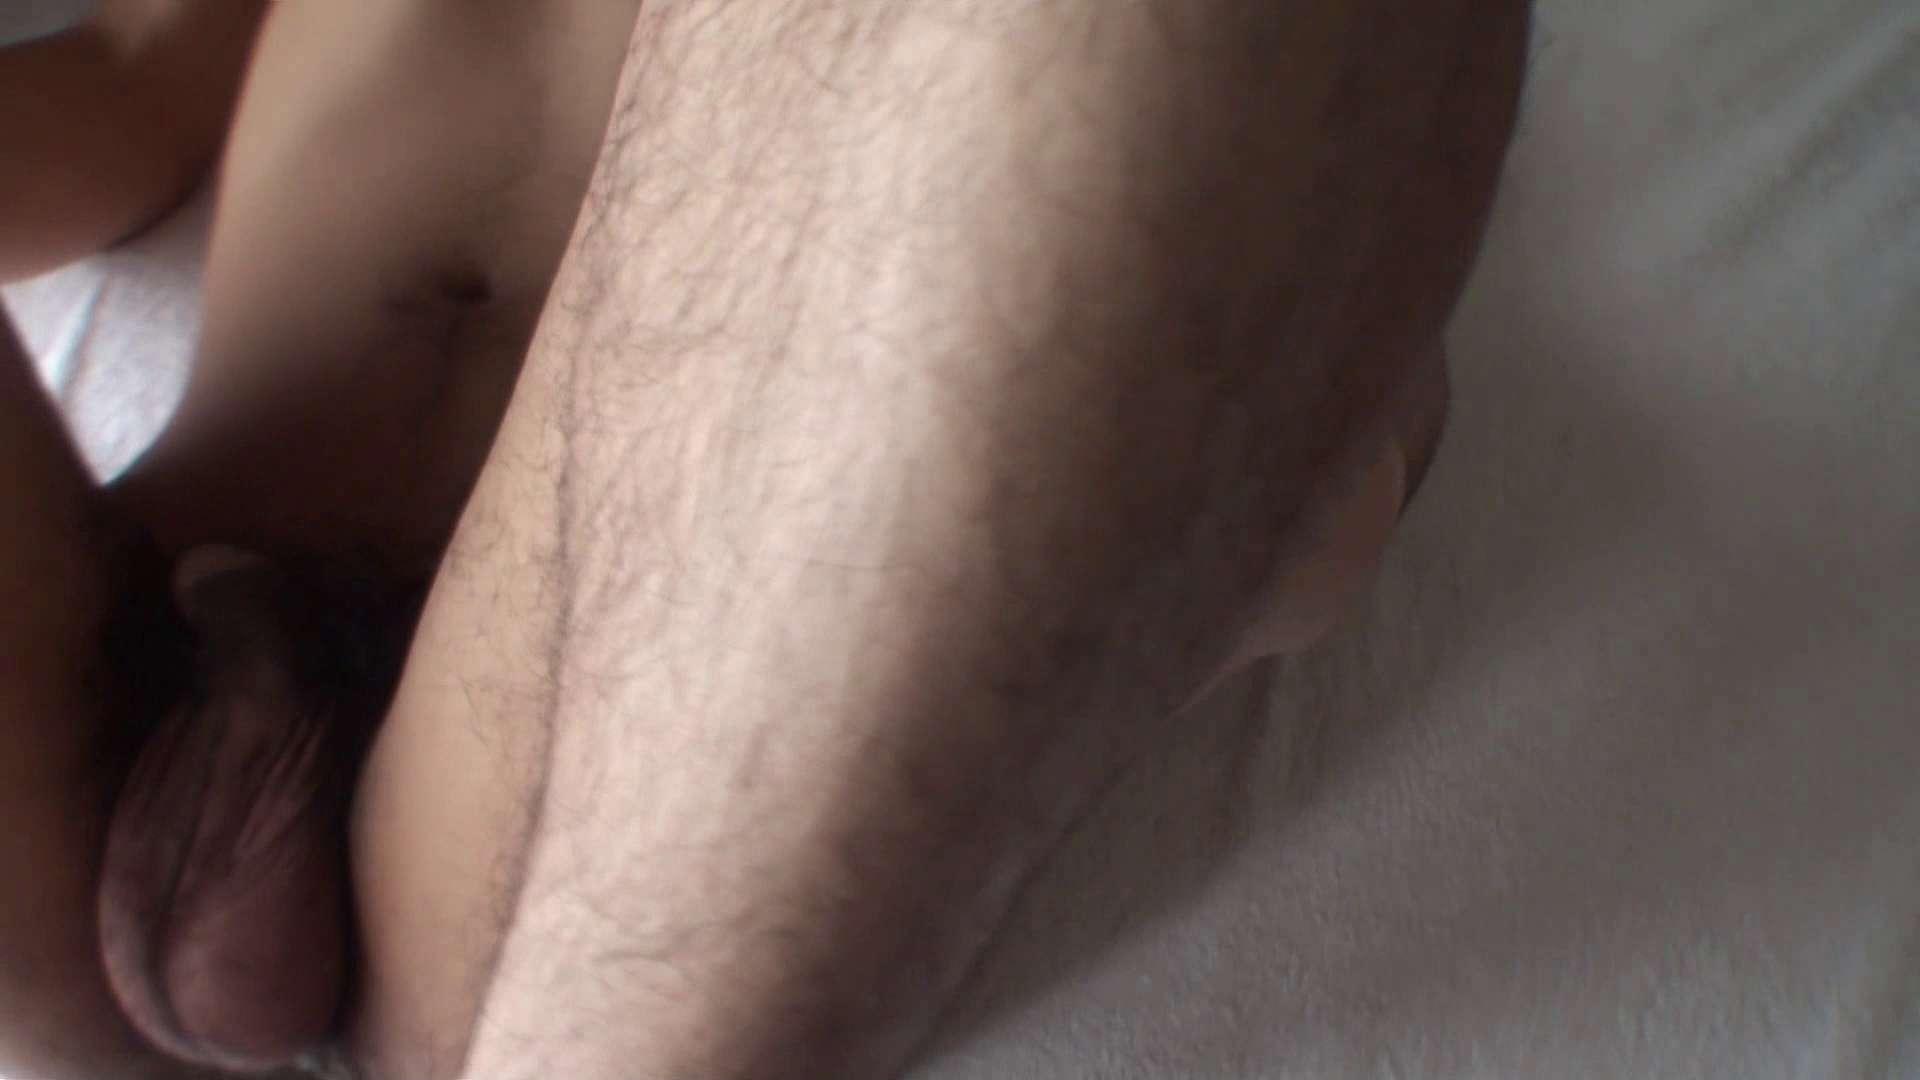 HD 良太と健二当たり前の日常 セックス編 私服 ゲイ精子画像 52連発 24